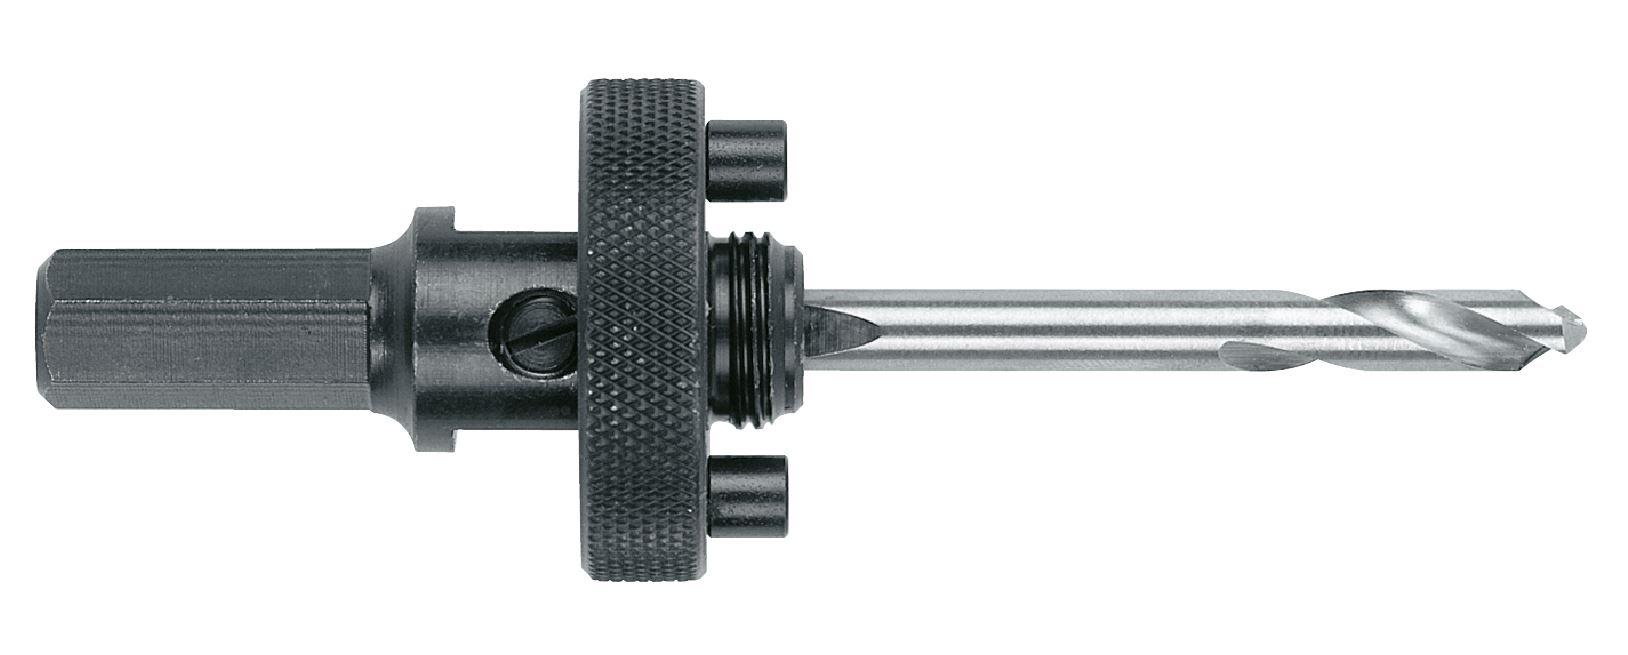 Køb AEG Holder til hulsav 32-152mm